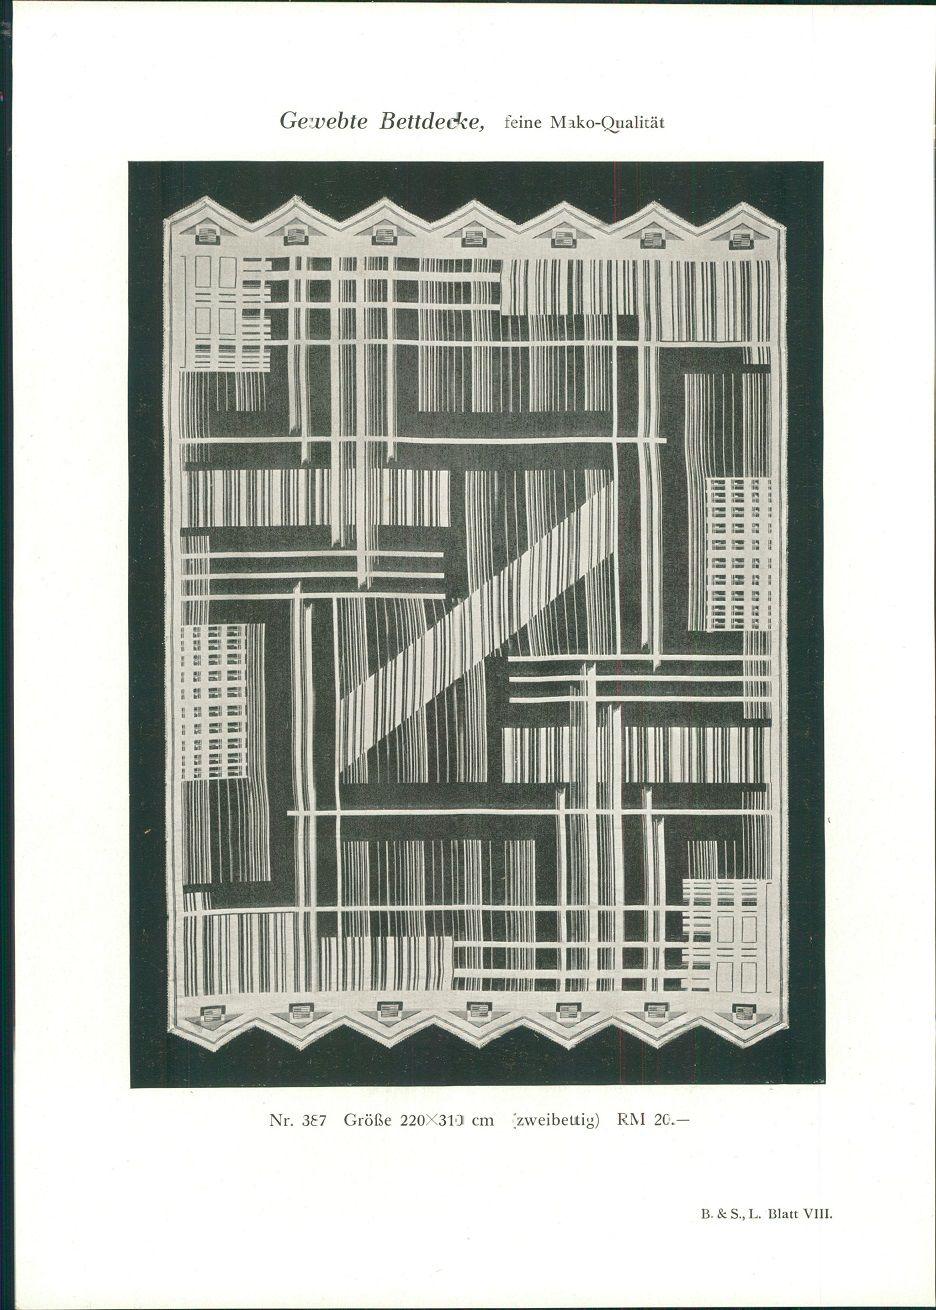 1928 - Druck nach Photographie: Gewebte Bettdecke, feine Mako-Qualität Nr. 387 Größe 220x310 cm (zweibettig) RM 20,-. B. & S. L. Blatt VIII.